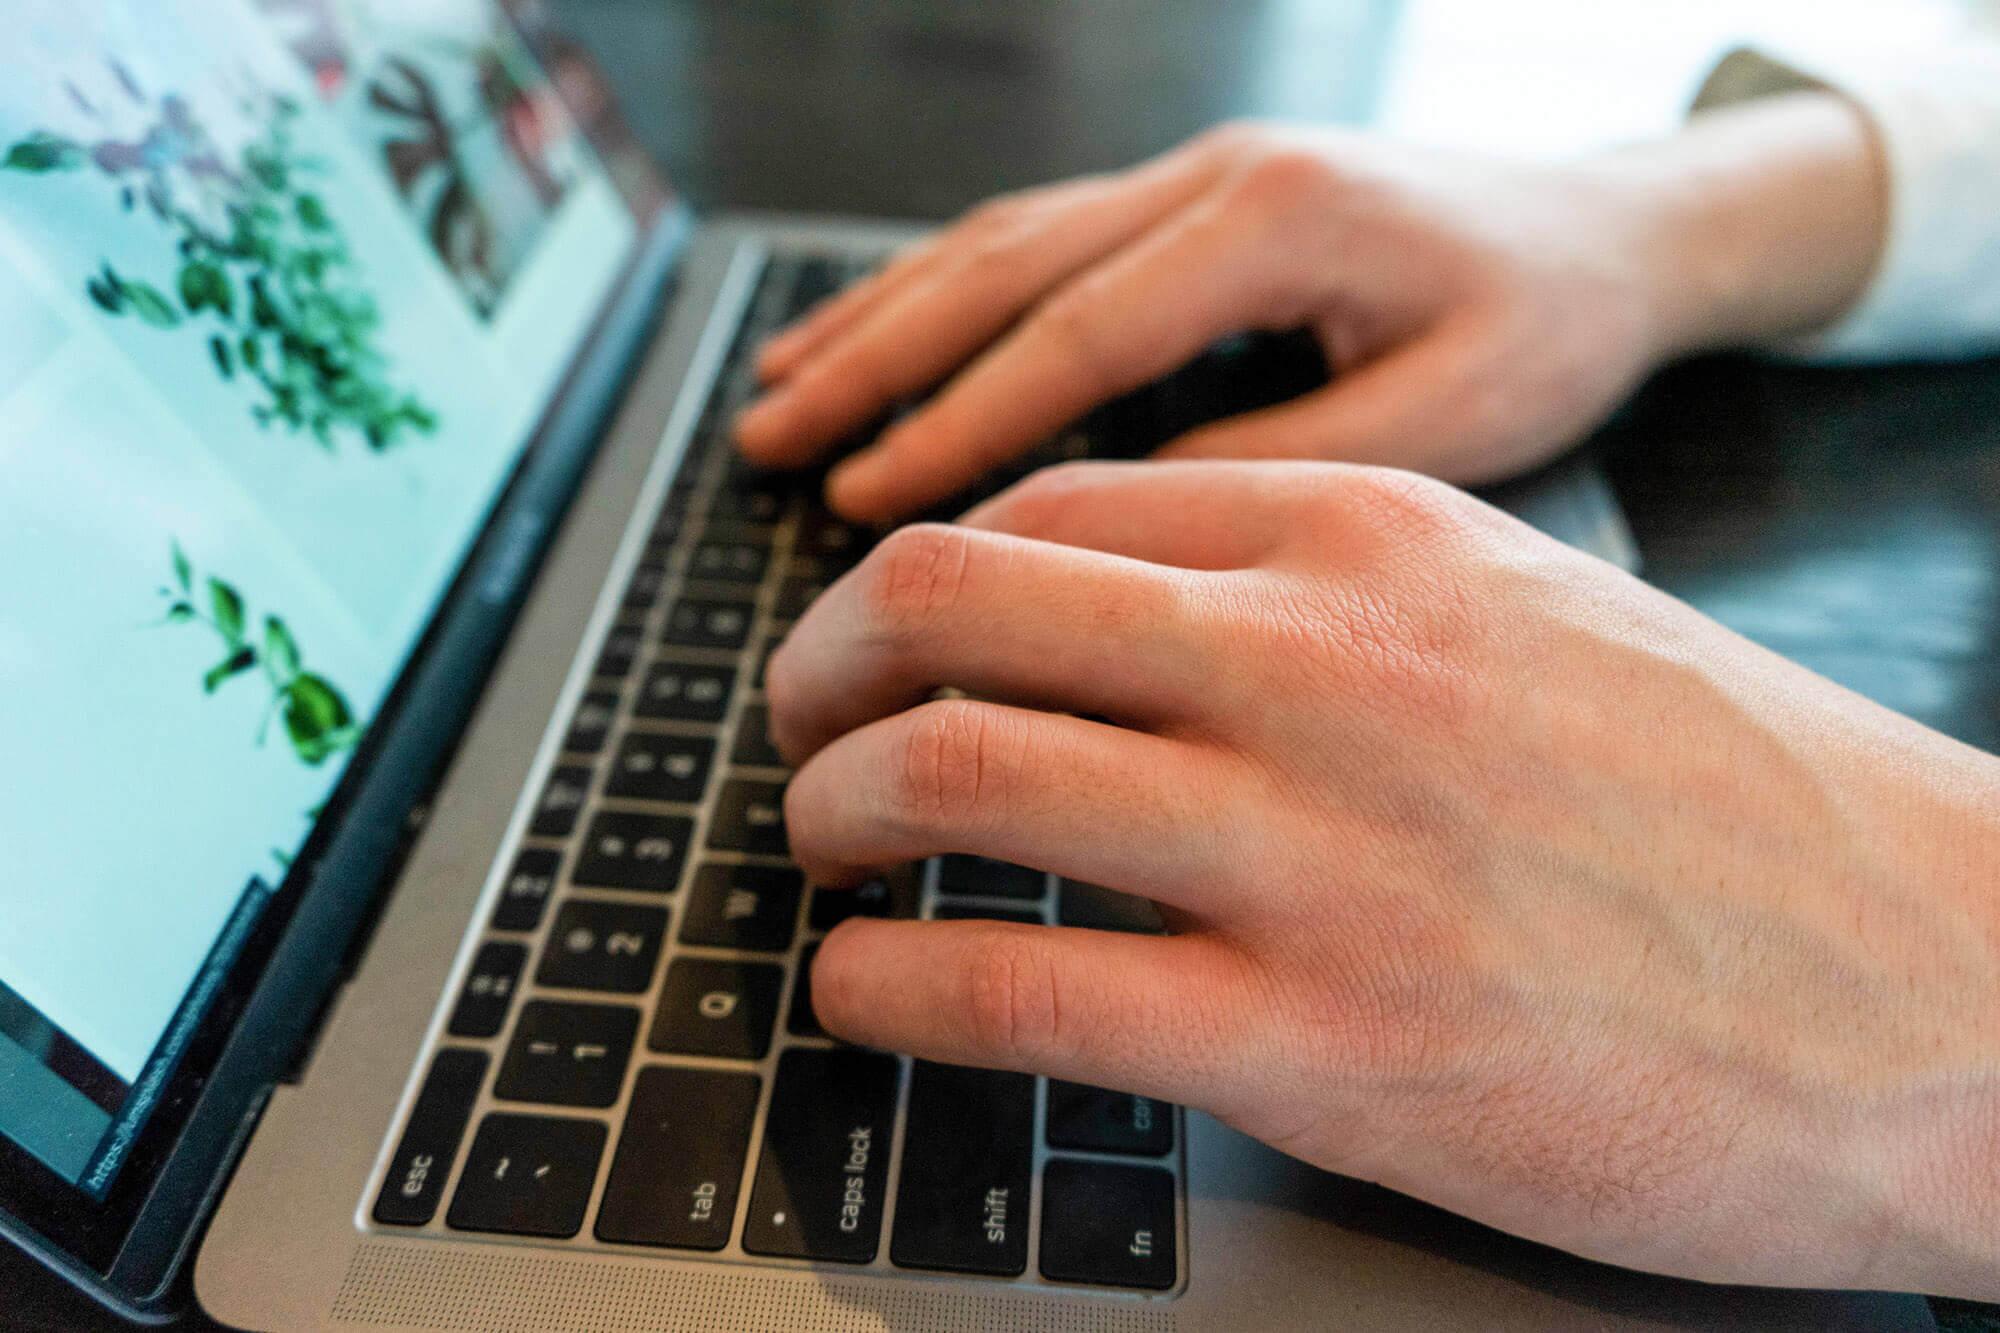 ブログを書くのはやっぱり楽しいから今後も続けていきたいと思う